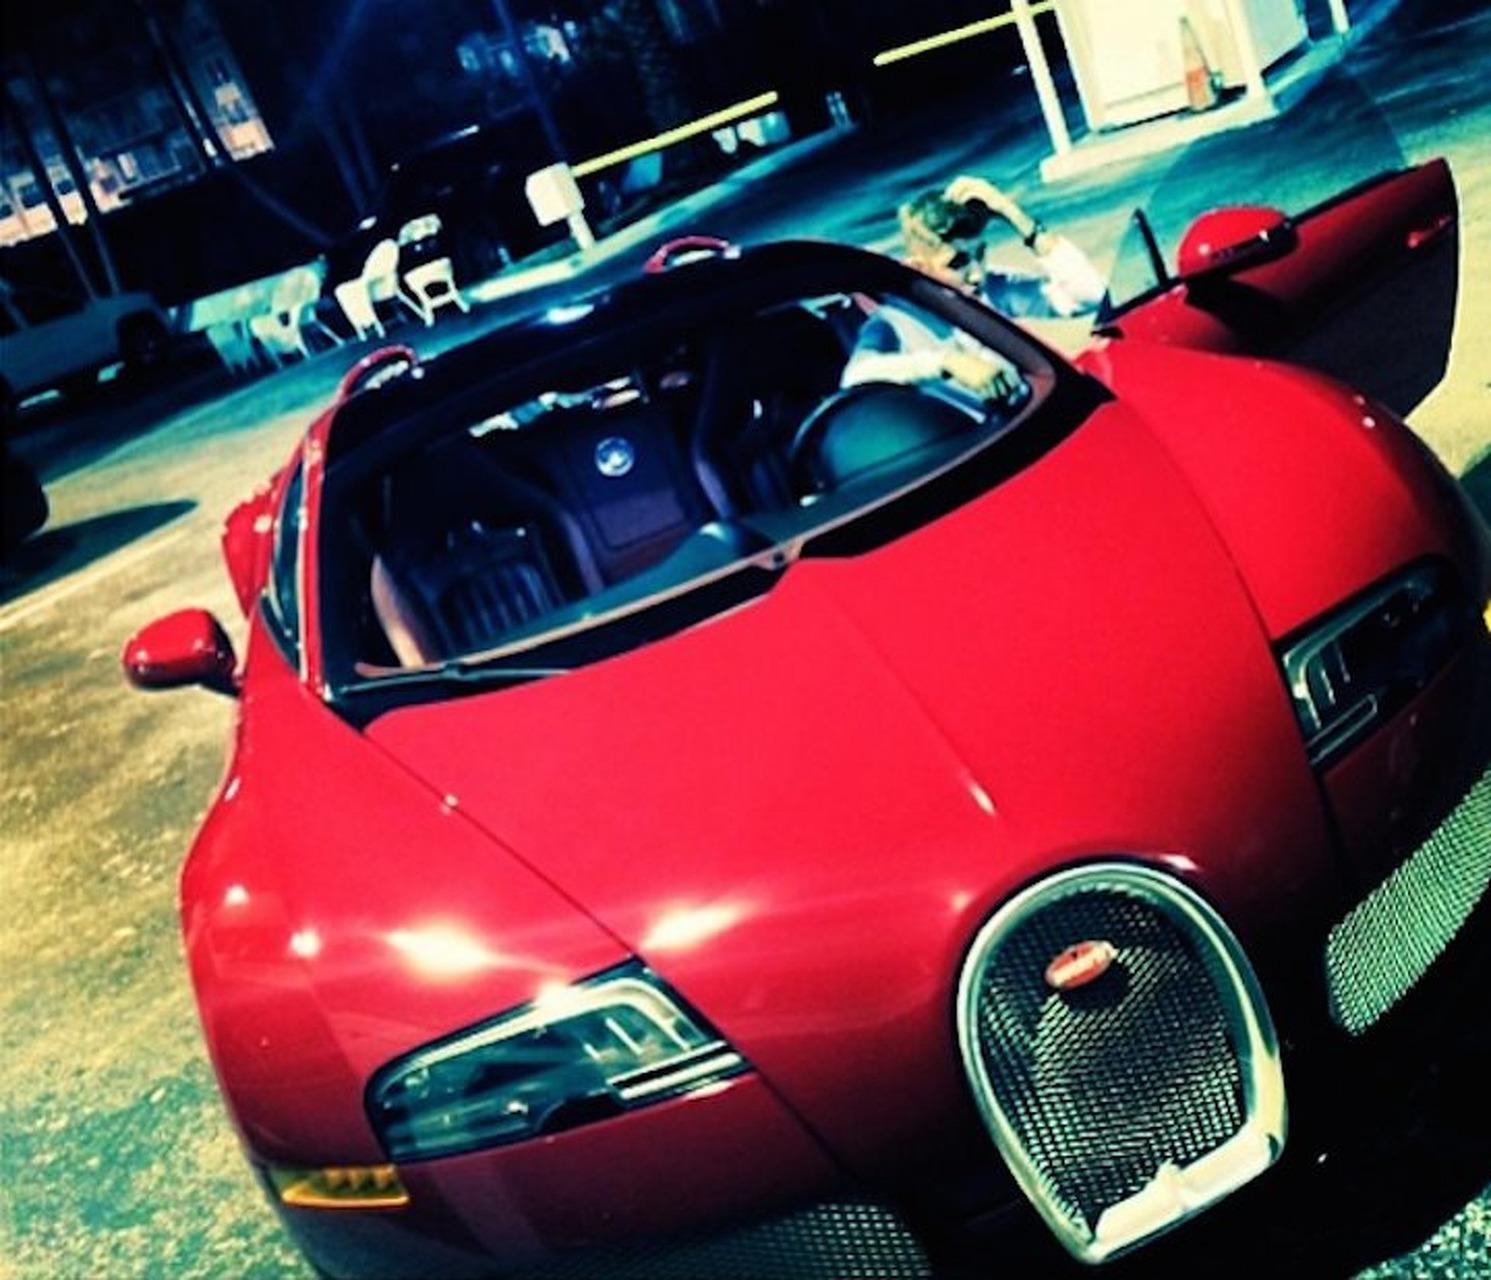 Birdman Just Gave Justin Bieber A New Bugatti